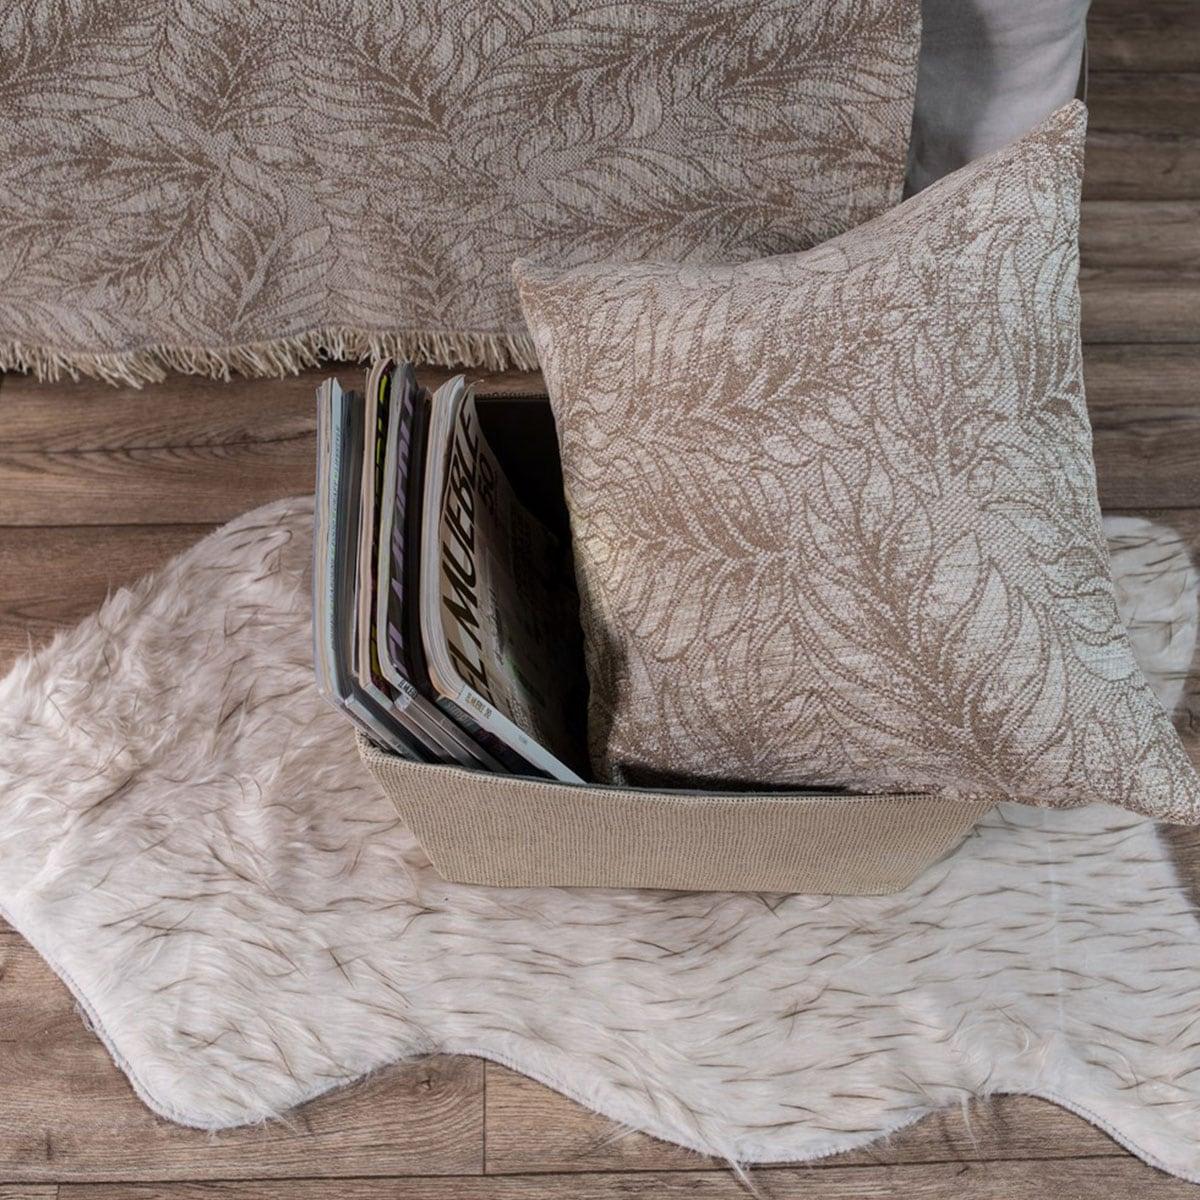 Μαξιλαροθήκη Διακοσμητική Illinois 02 Beige Teoran 45X45 Ακρυλικό-Polyester